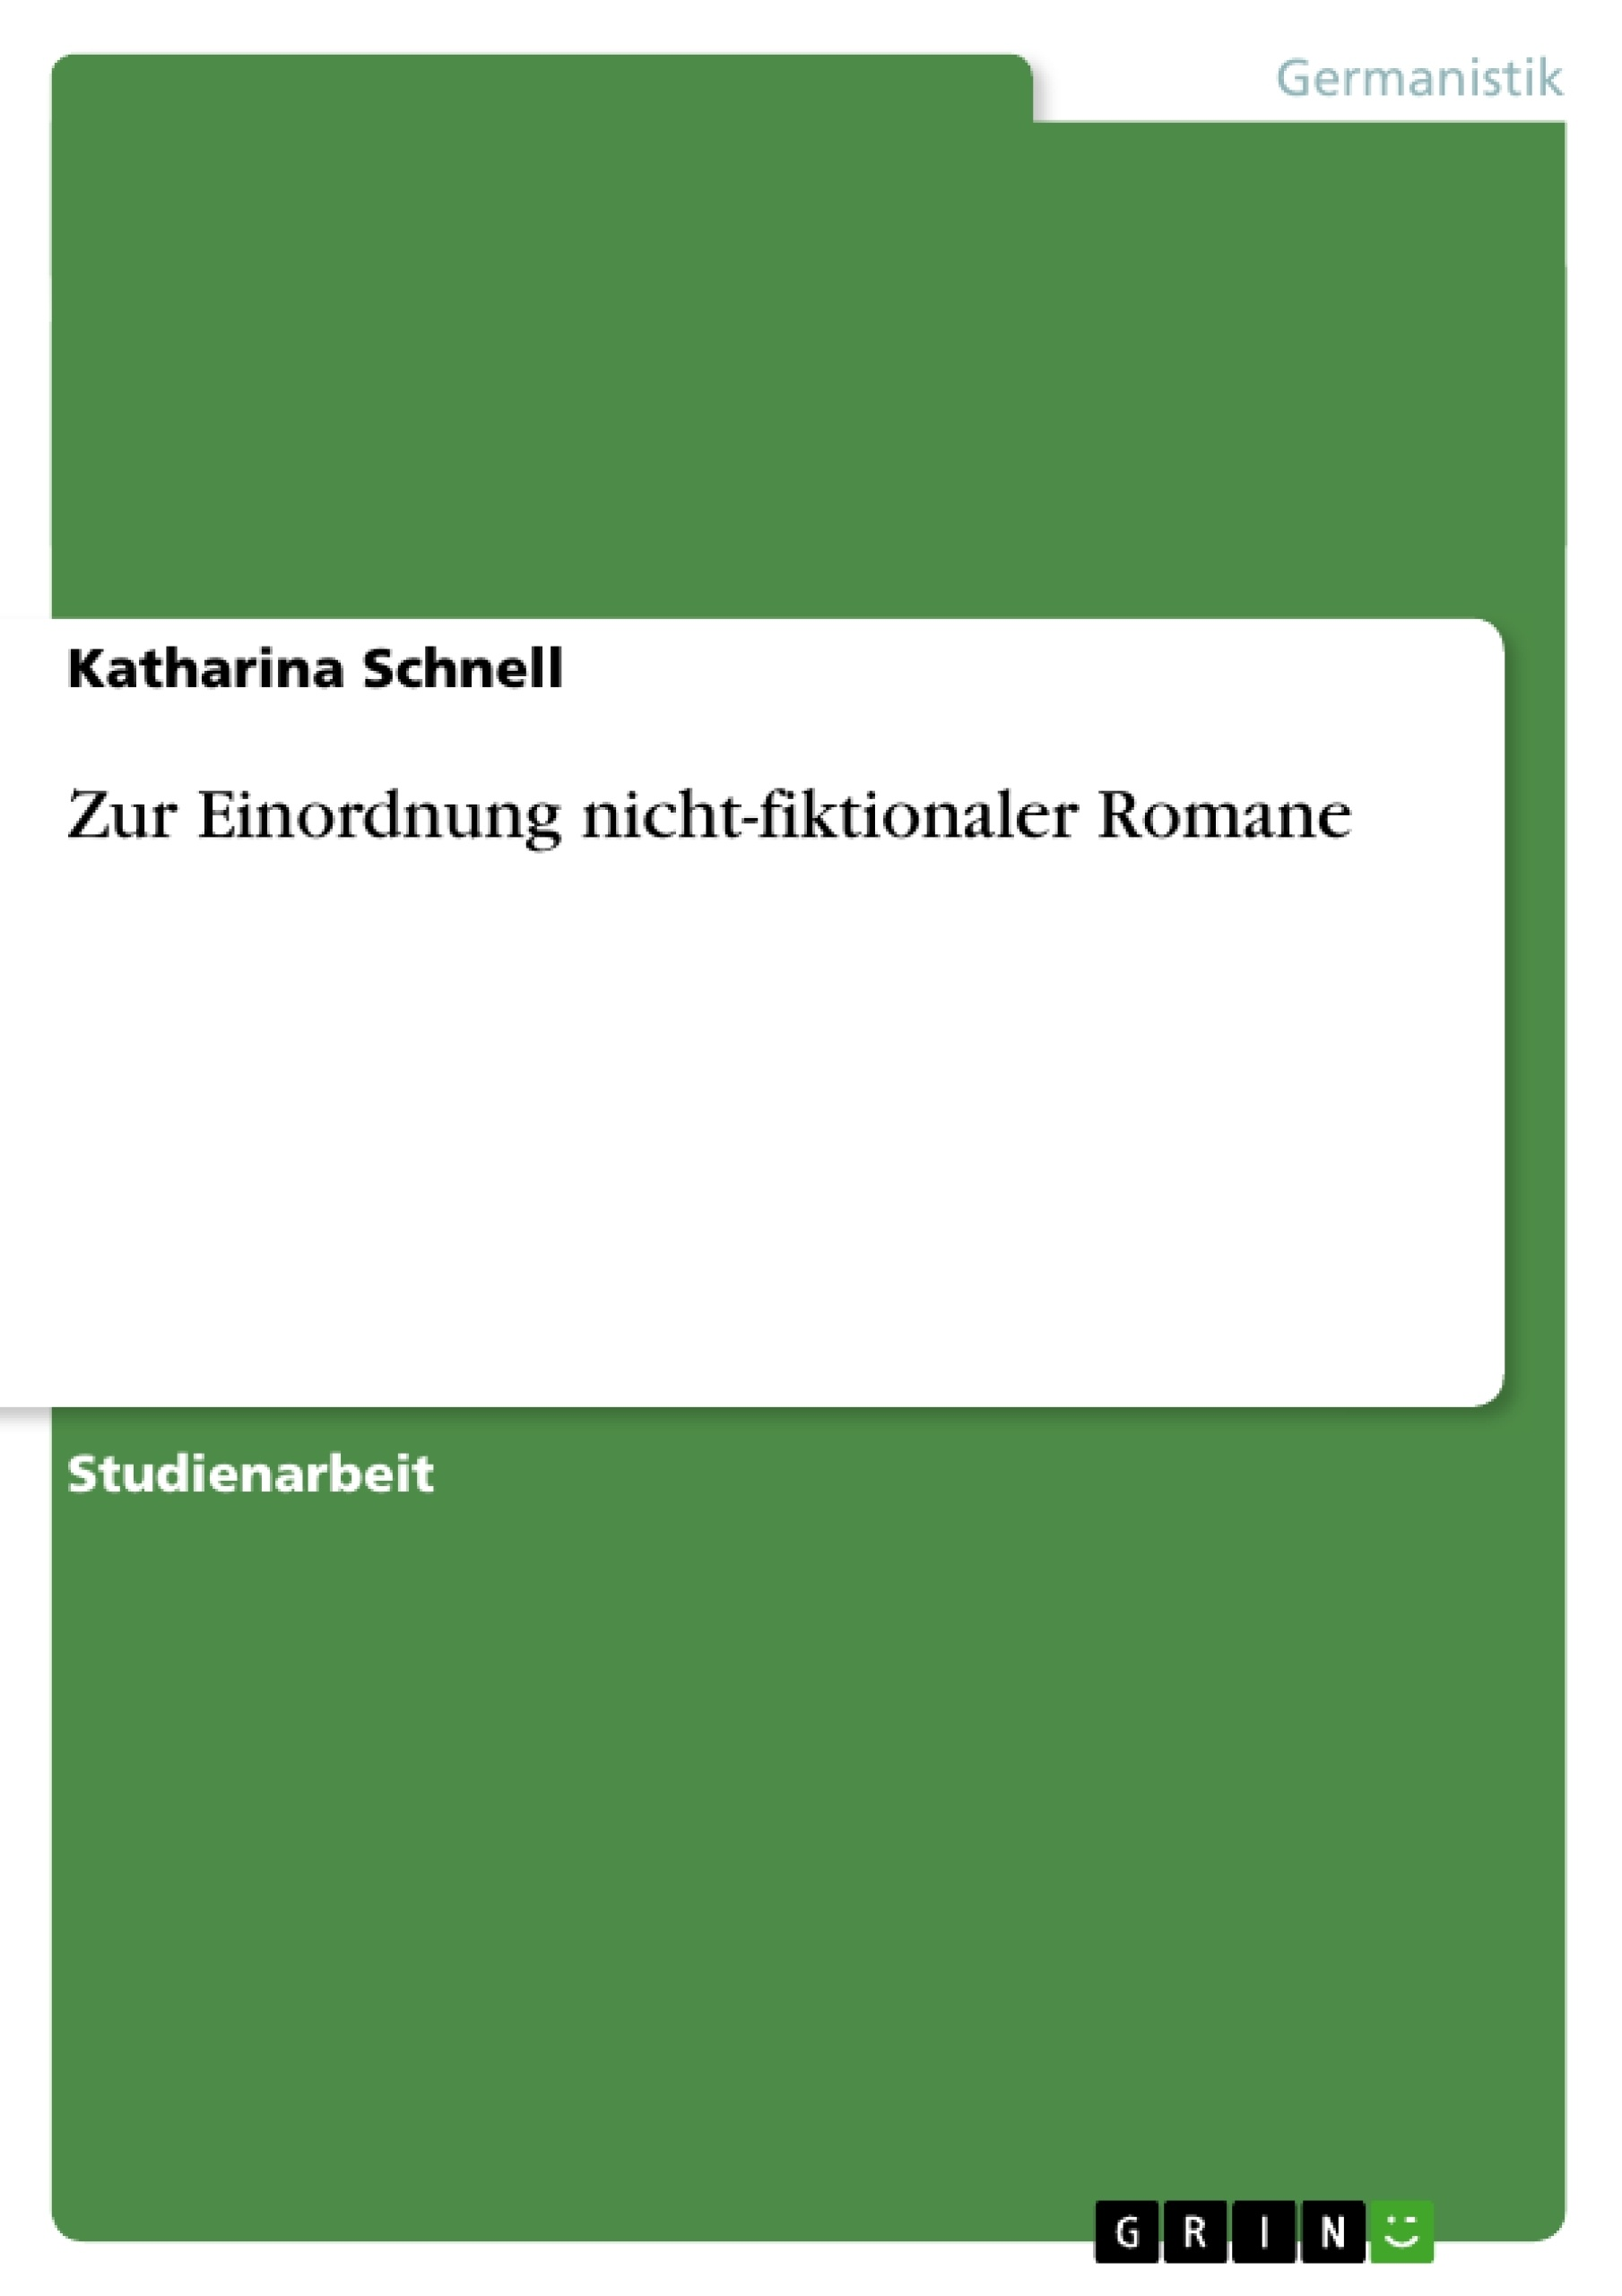 Titel: Zur Einordnung nicht-fiktionaler Romane